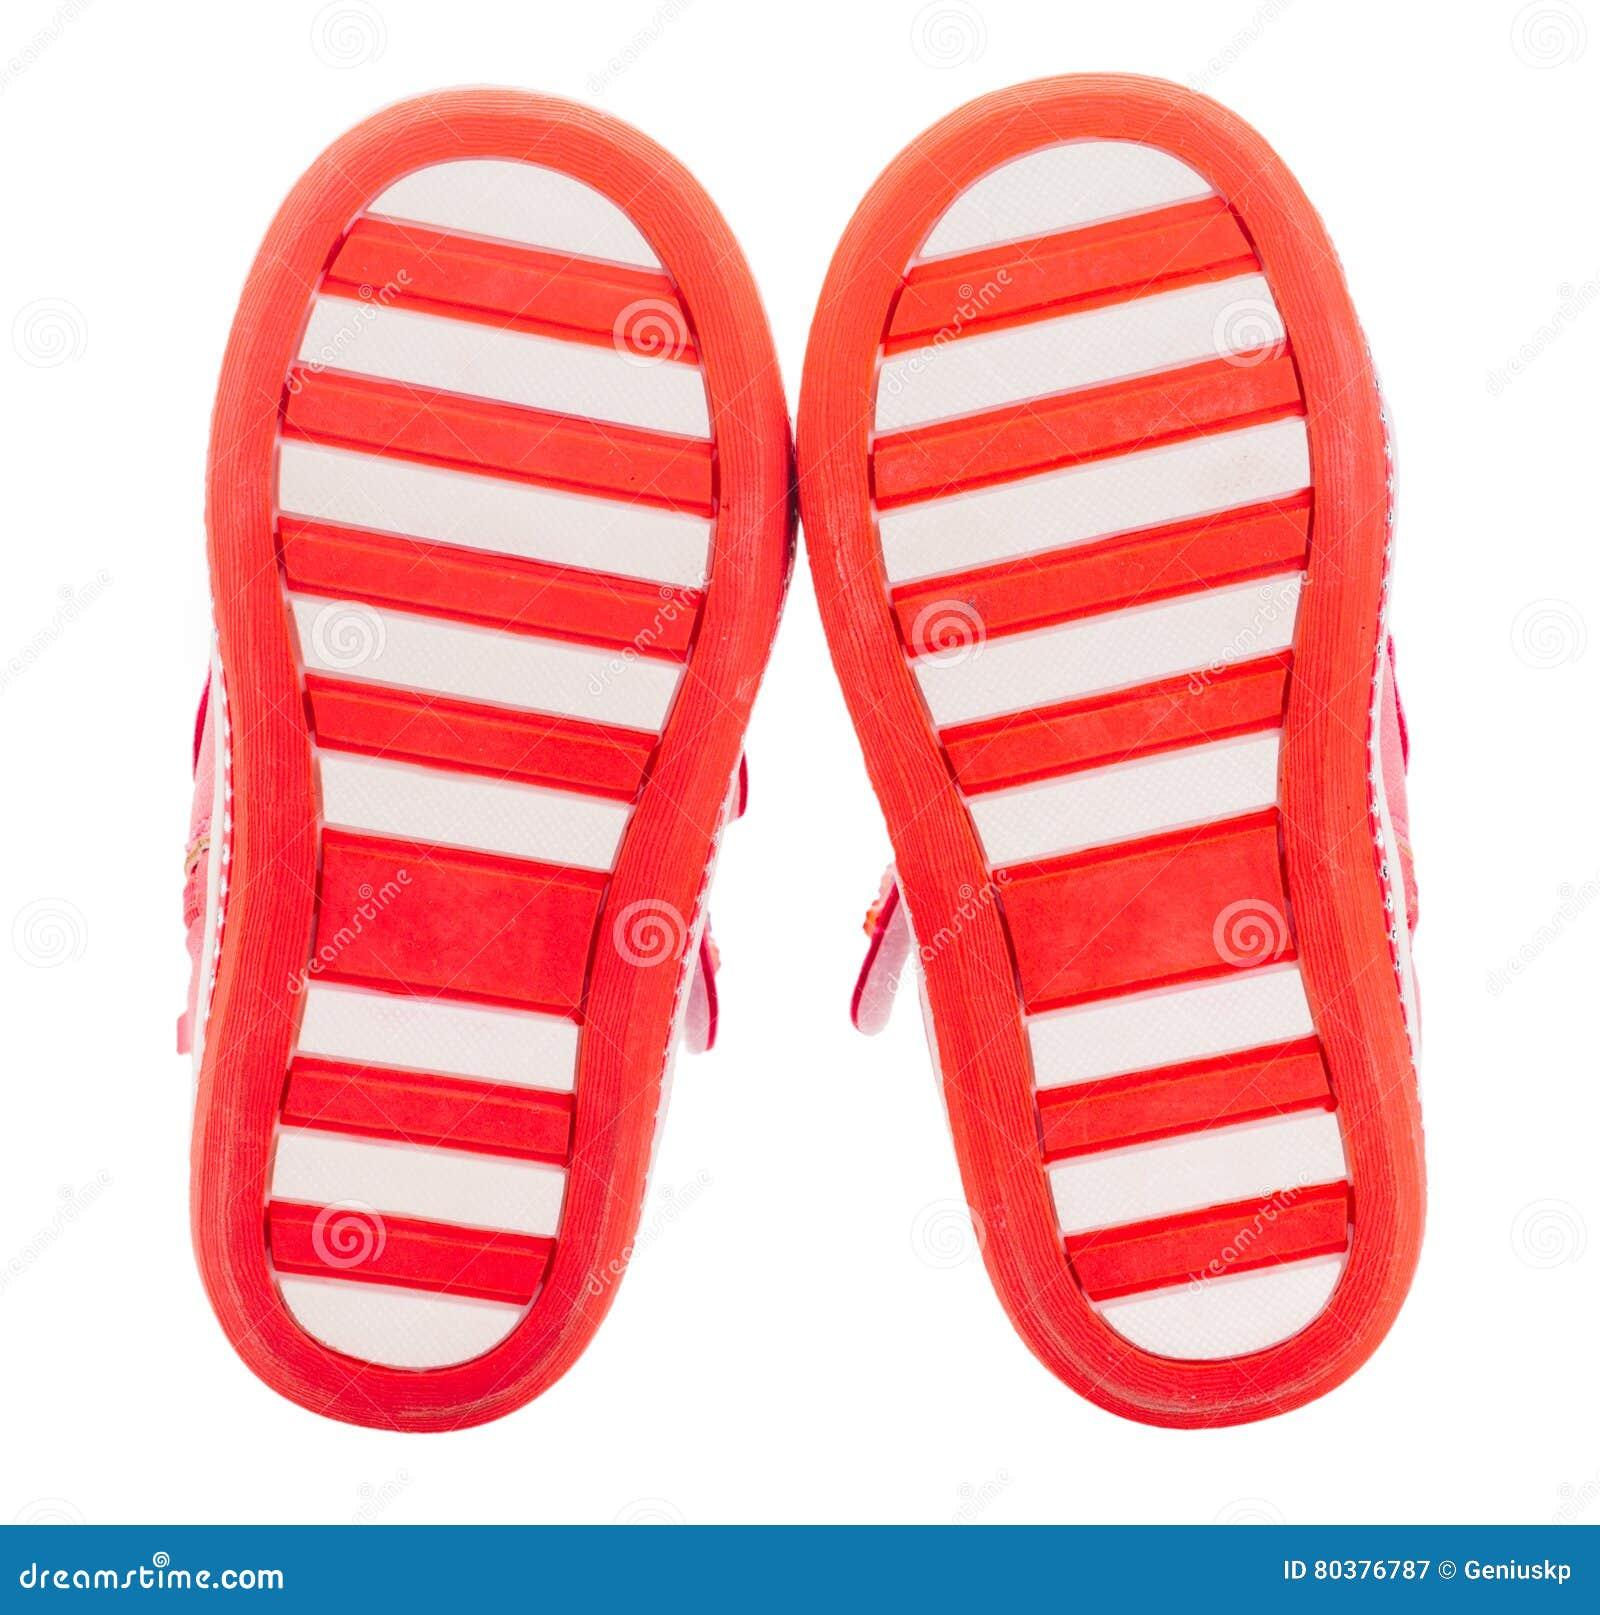 design intemporel c9370 d9196 Semelles Rouges De Chaussures De Bébé Image stock - Image du ...